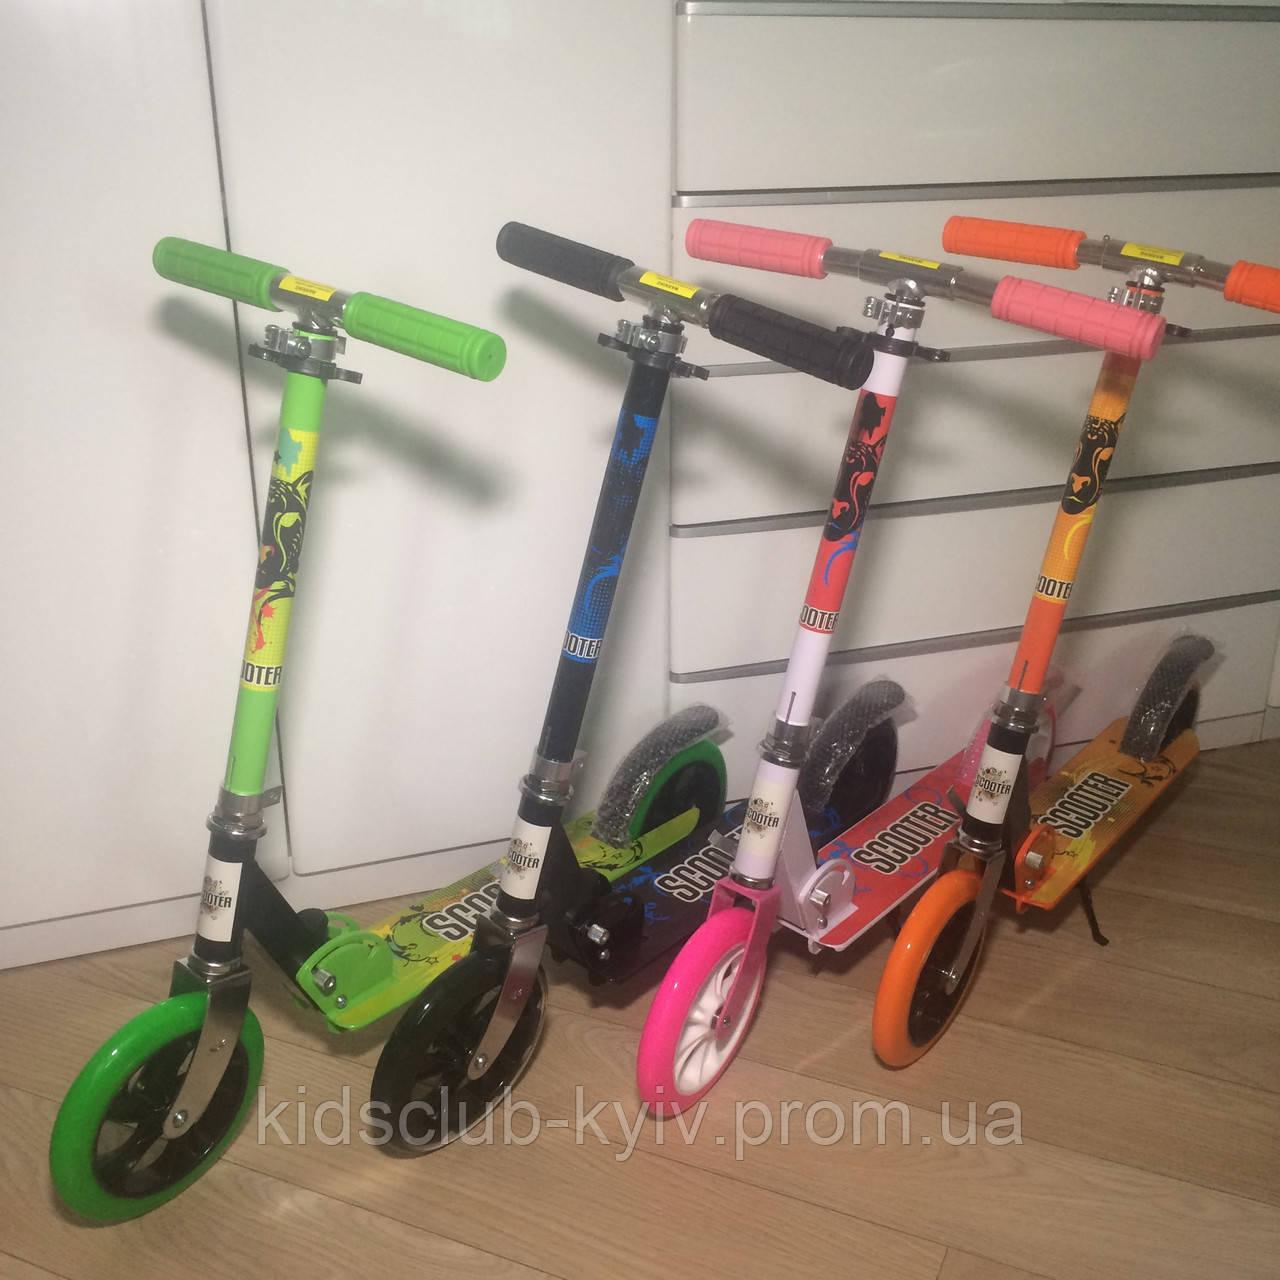 Двухколесный самокат для детей и подростков